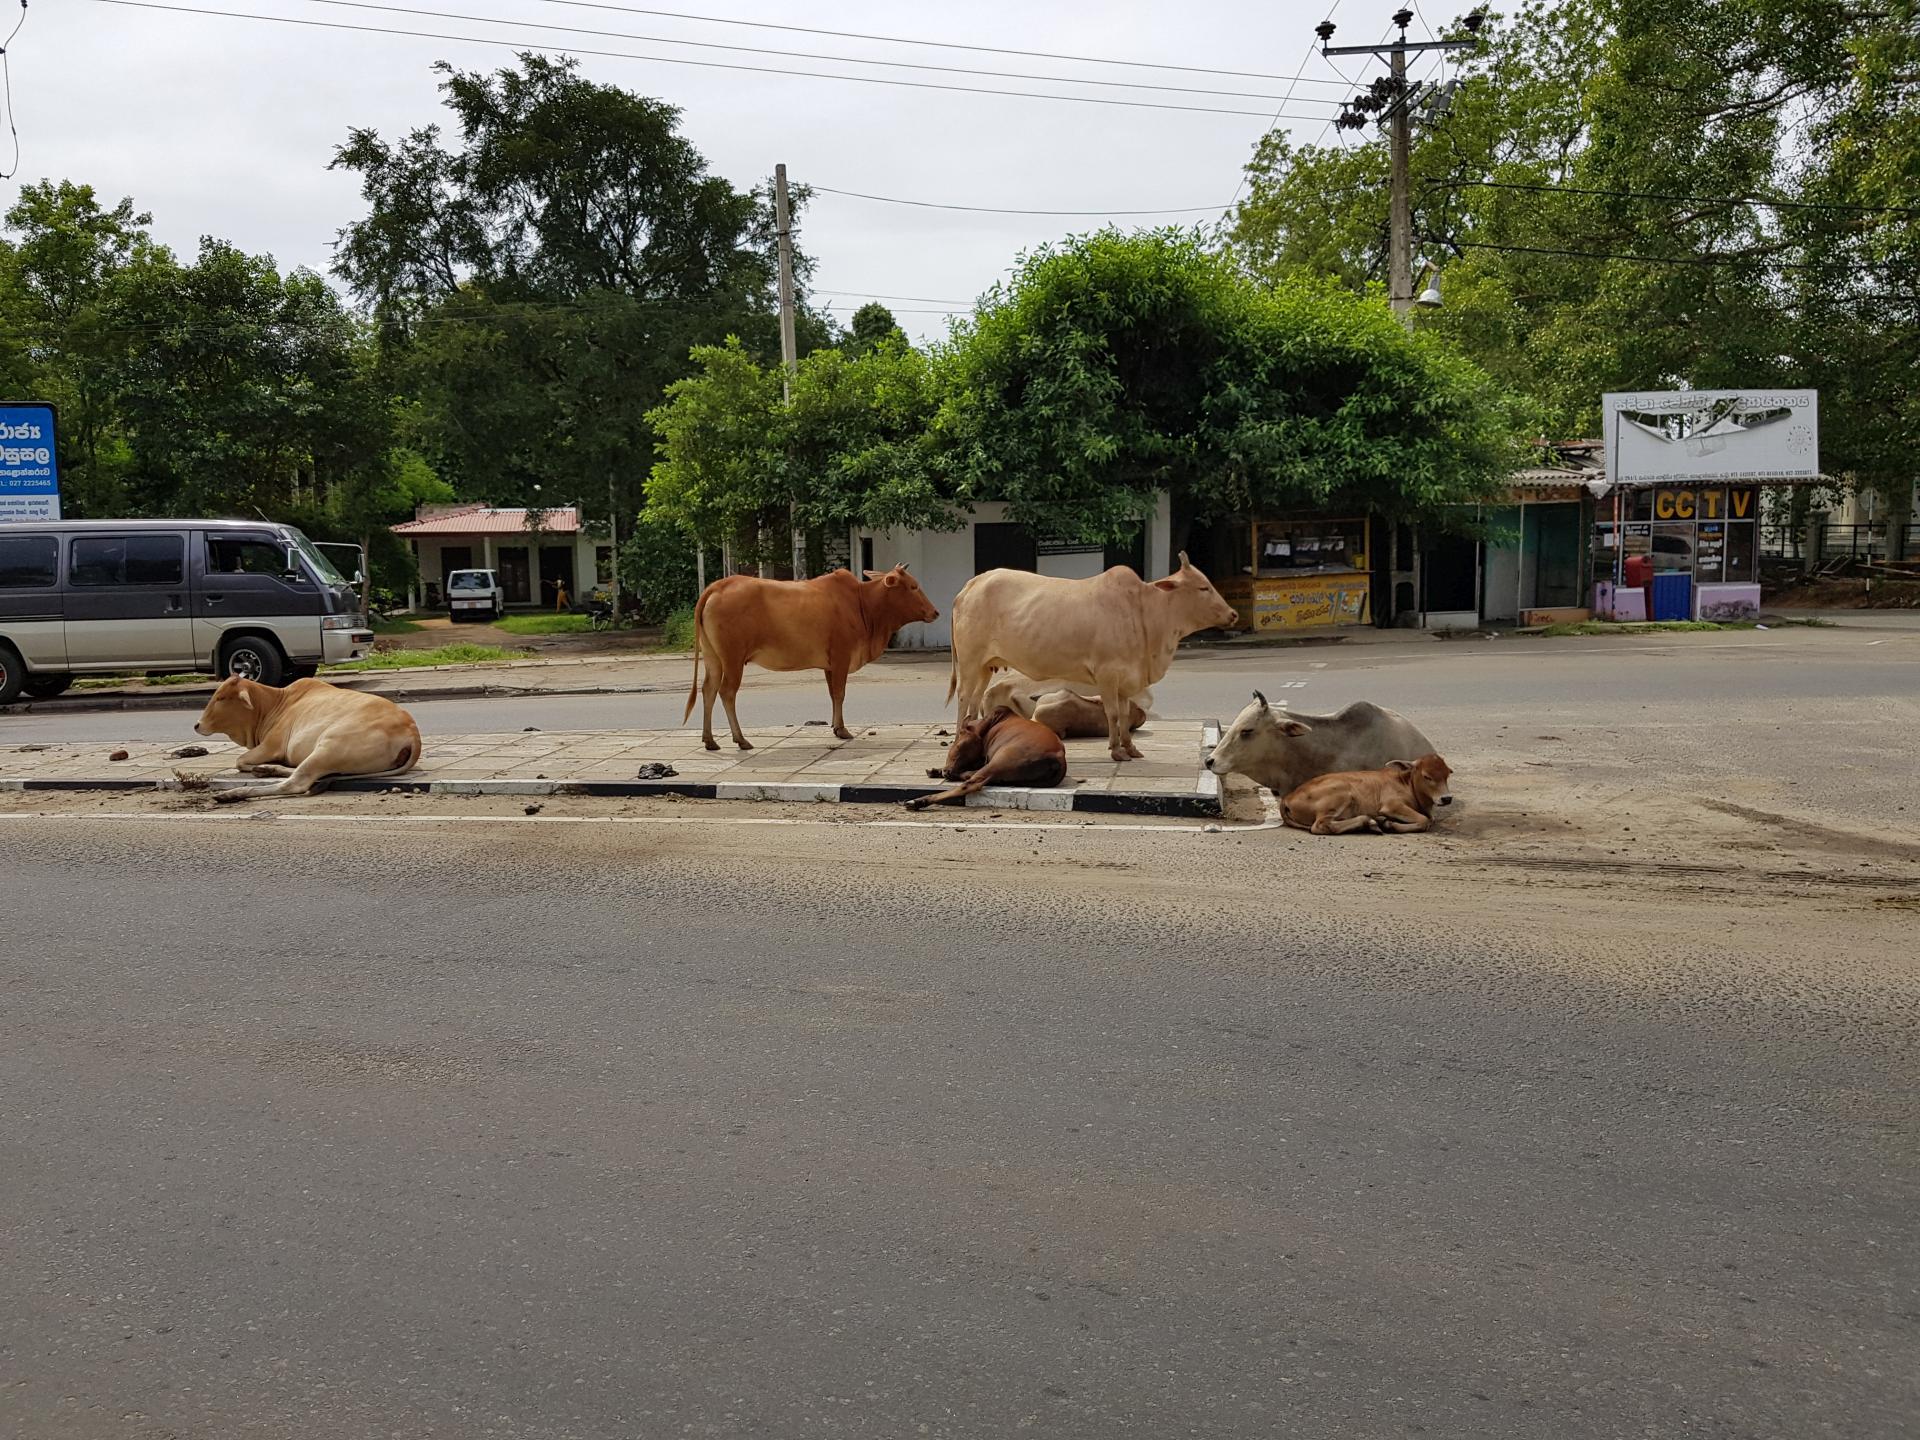 Коровы на дорогах Шри-Ланки